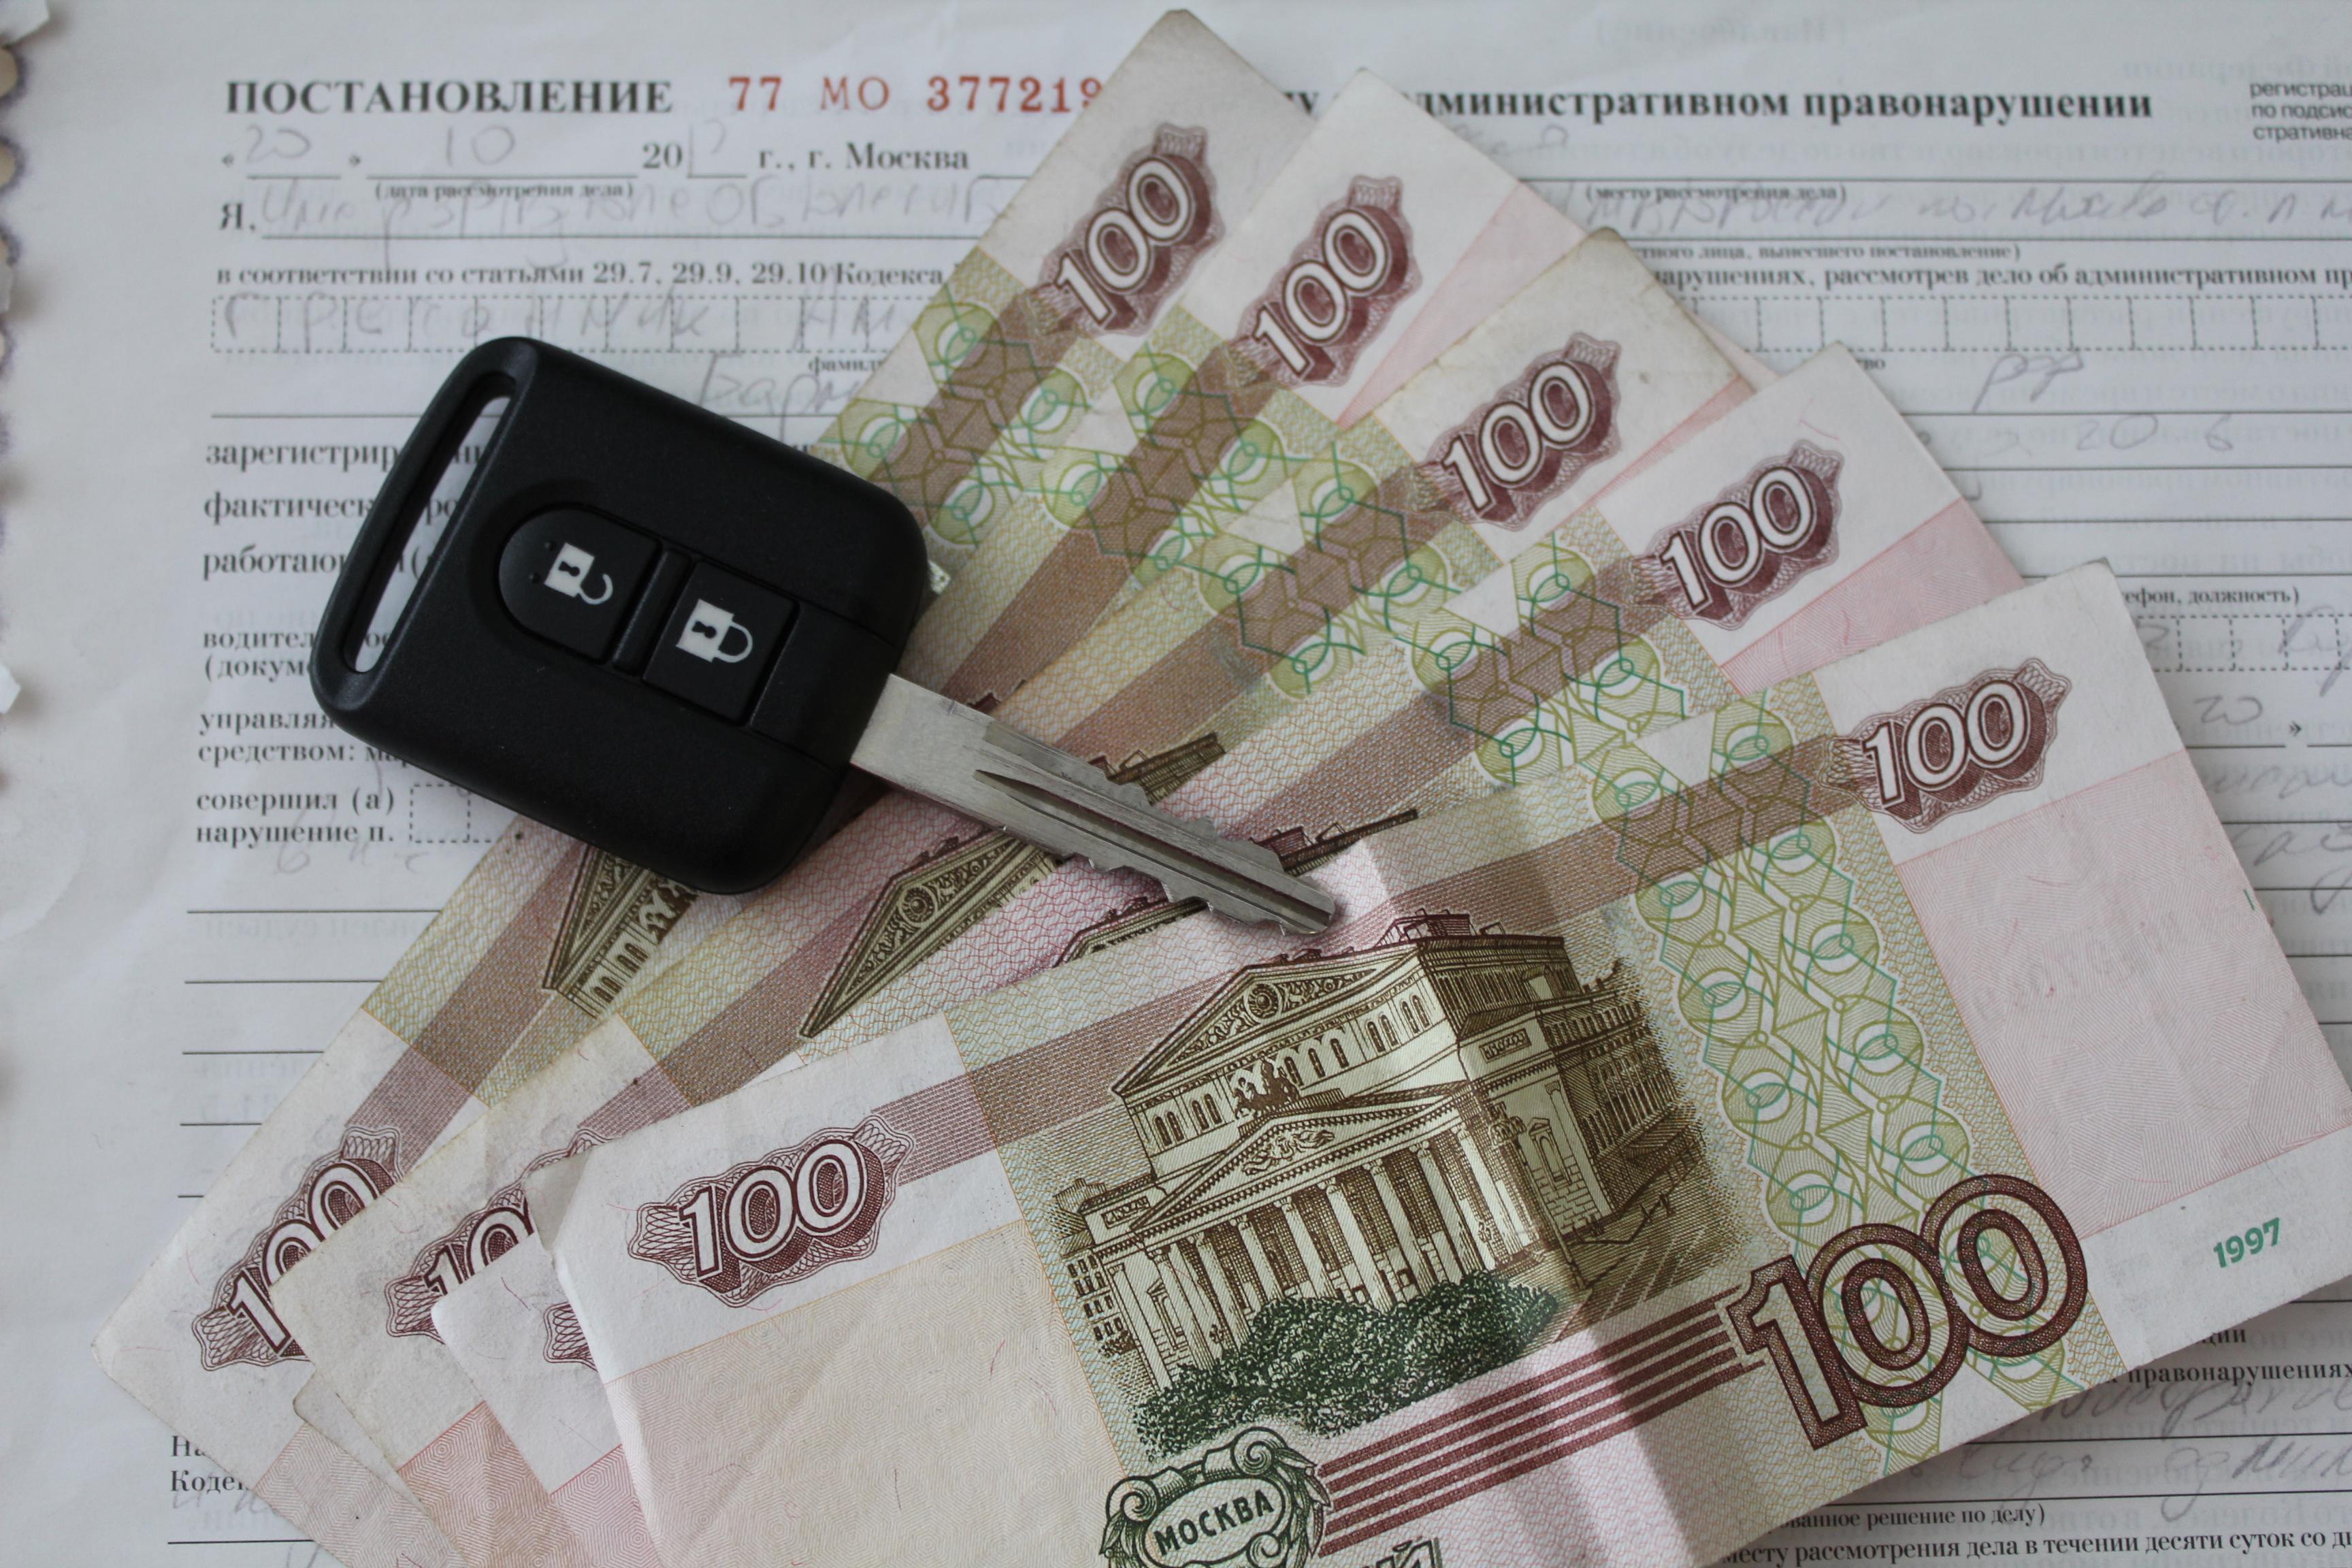 Под действие закона попадают должники с неоплаченными обязательствами на сумму свыше 10 тыс. рублей.